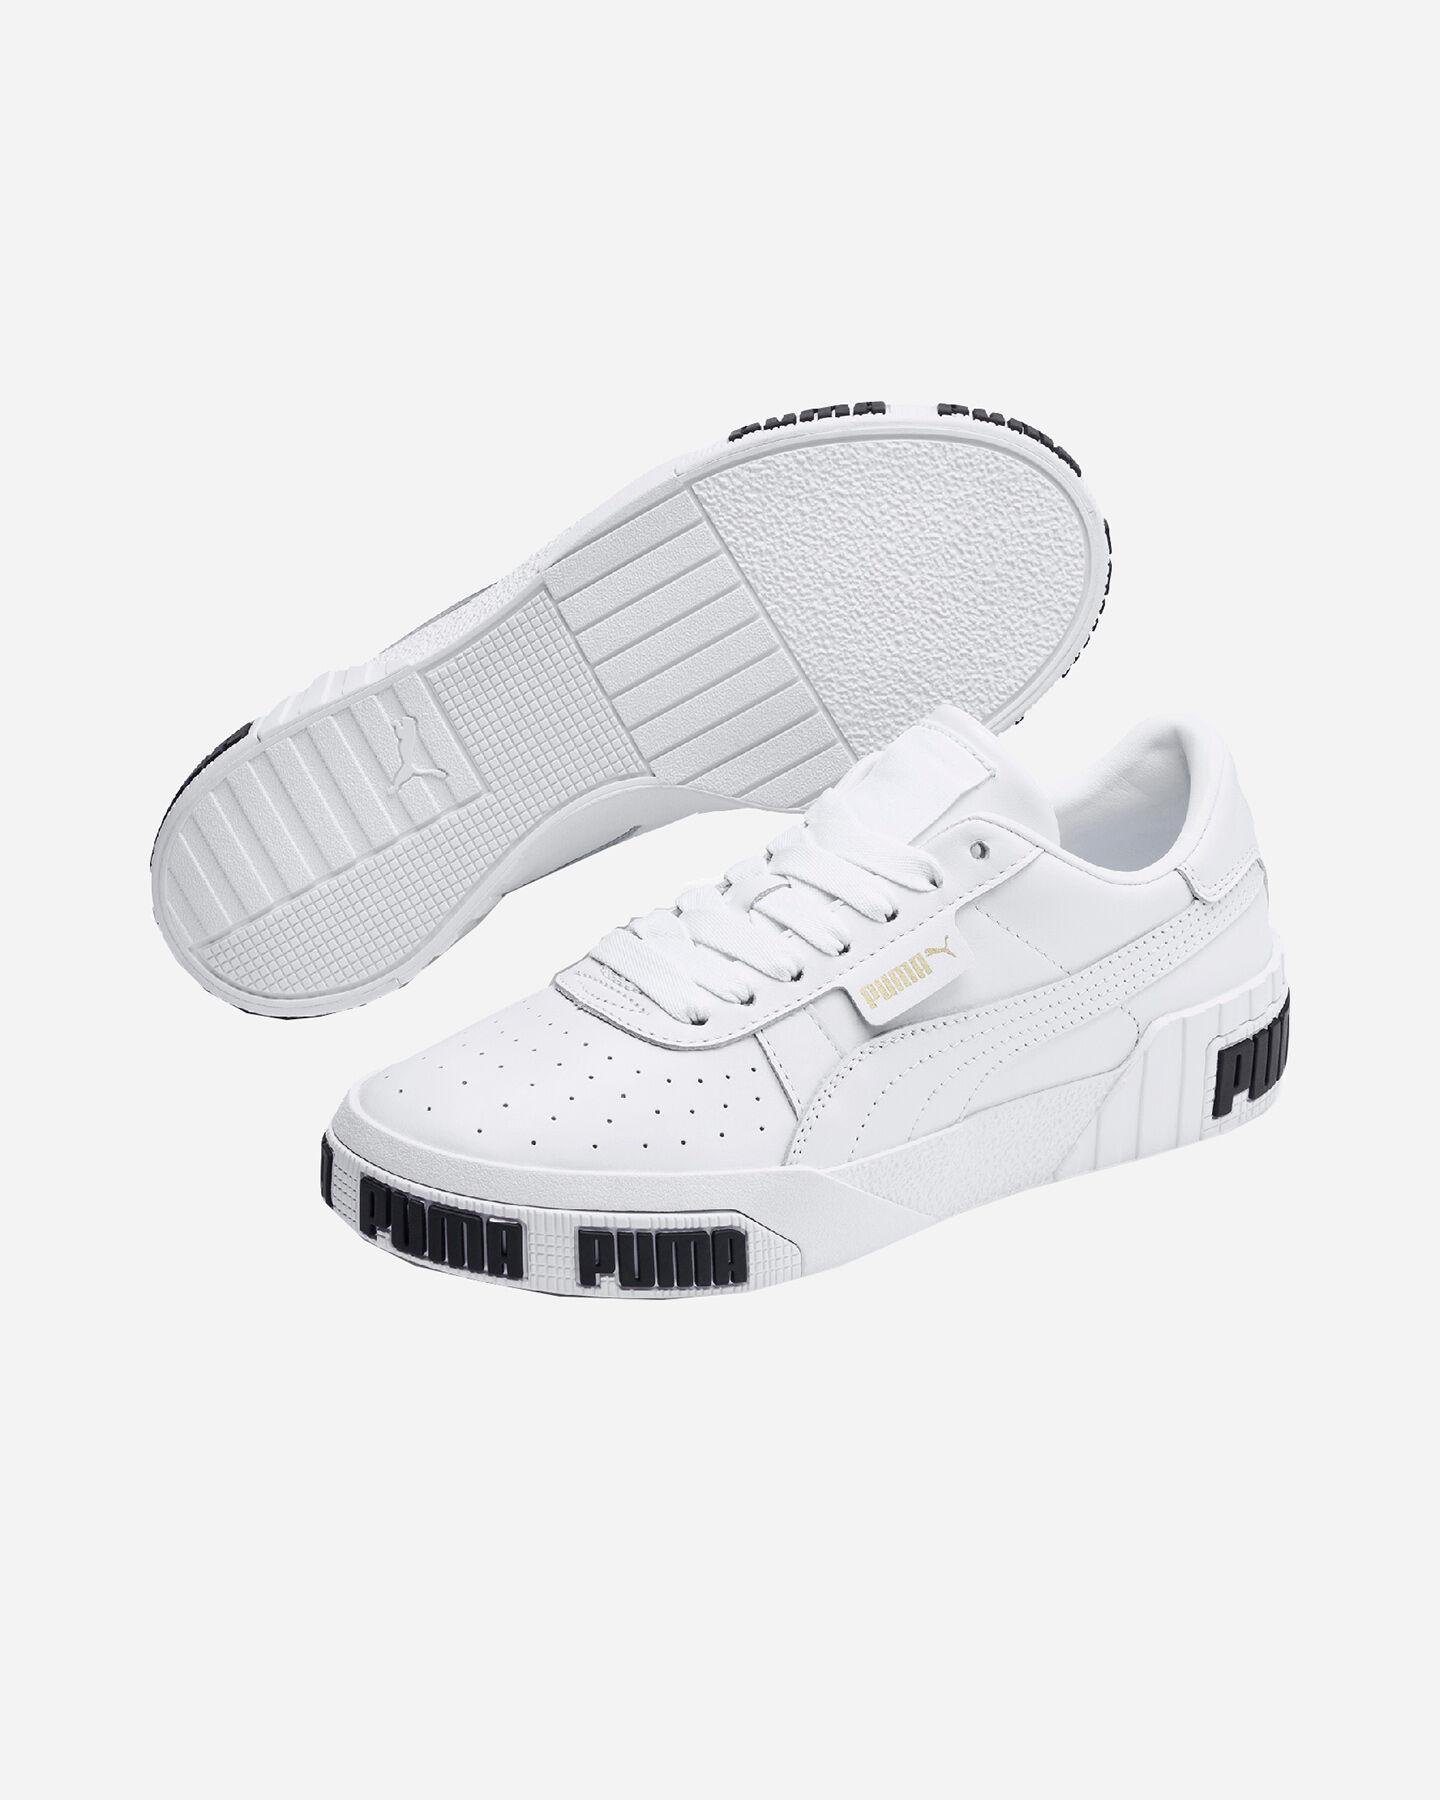 PUMA CALI BOLD DONNA Tutte Sneaker Scarpe personalizzate